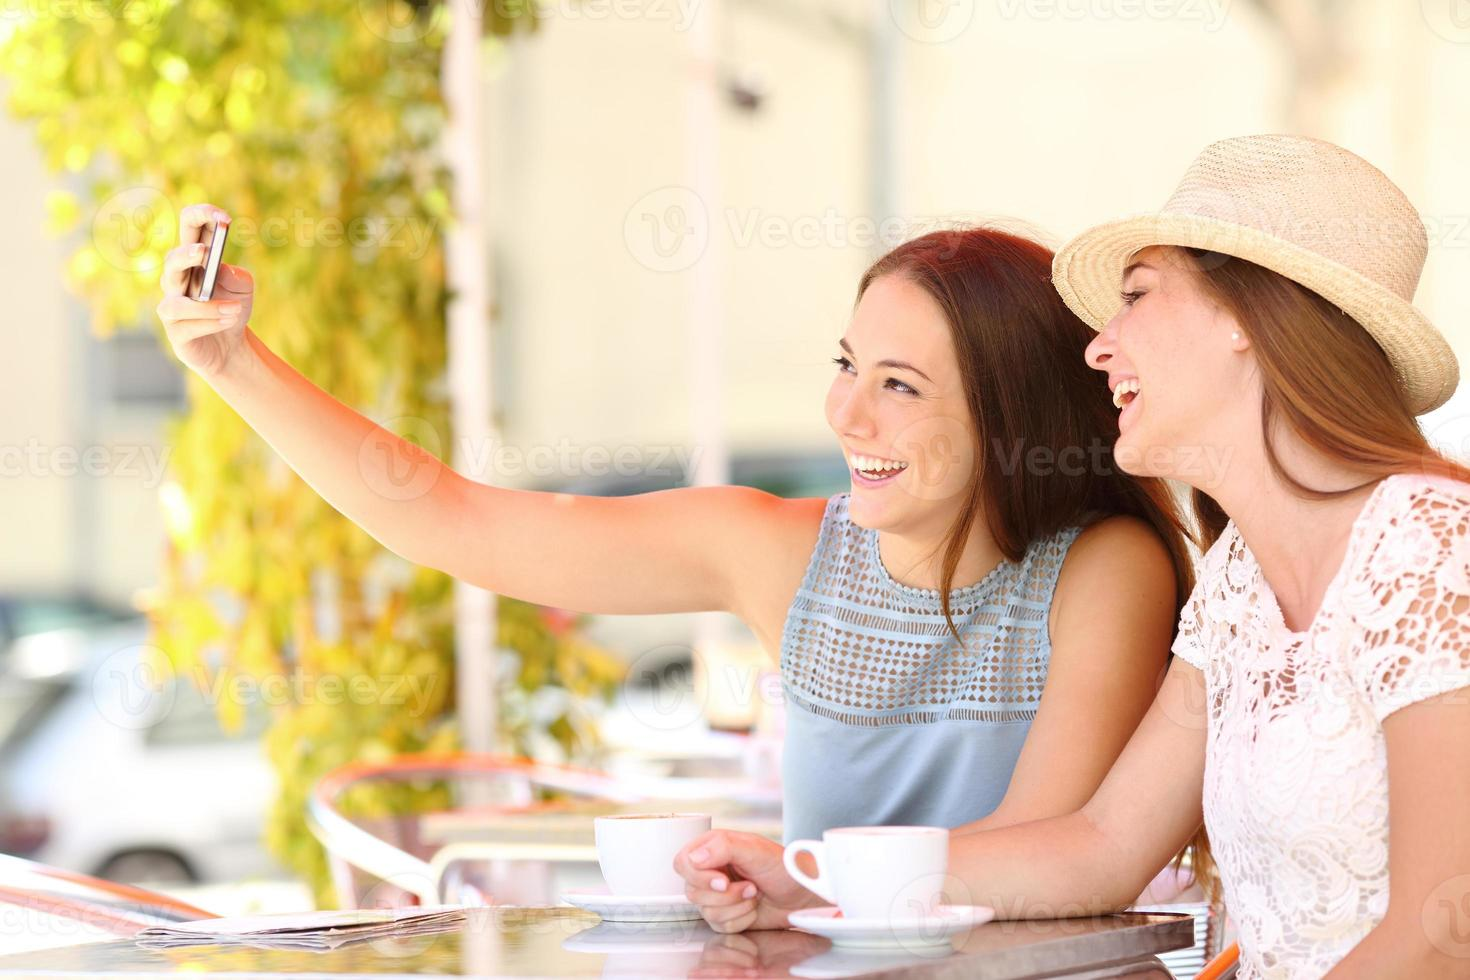 Touristenfreunde machen ein Selfie-Foto mit Smartphone foto